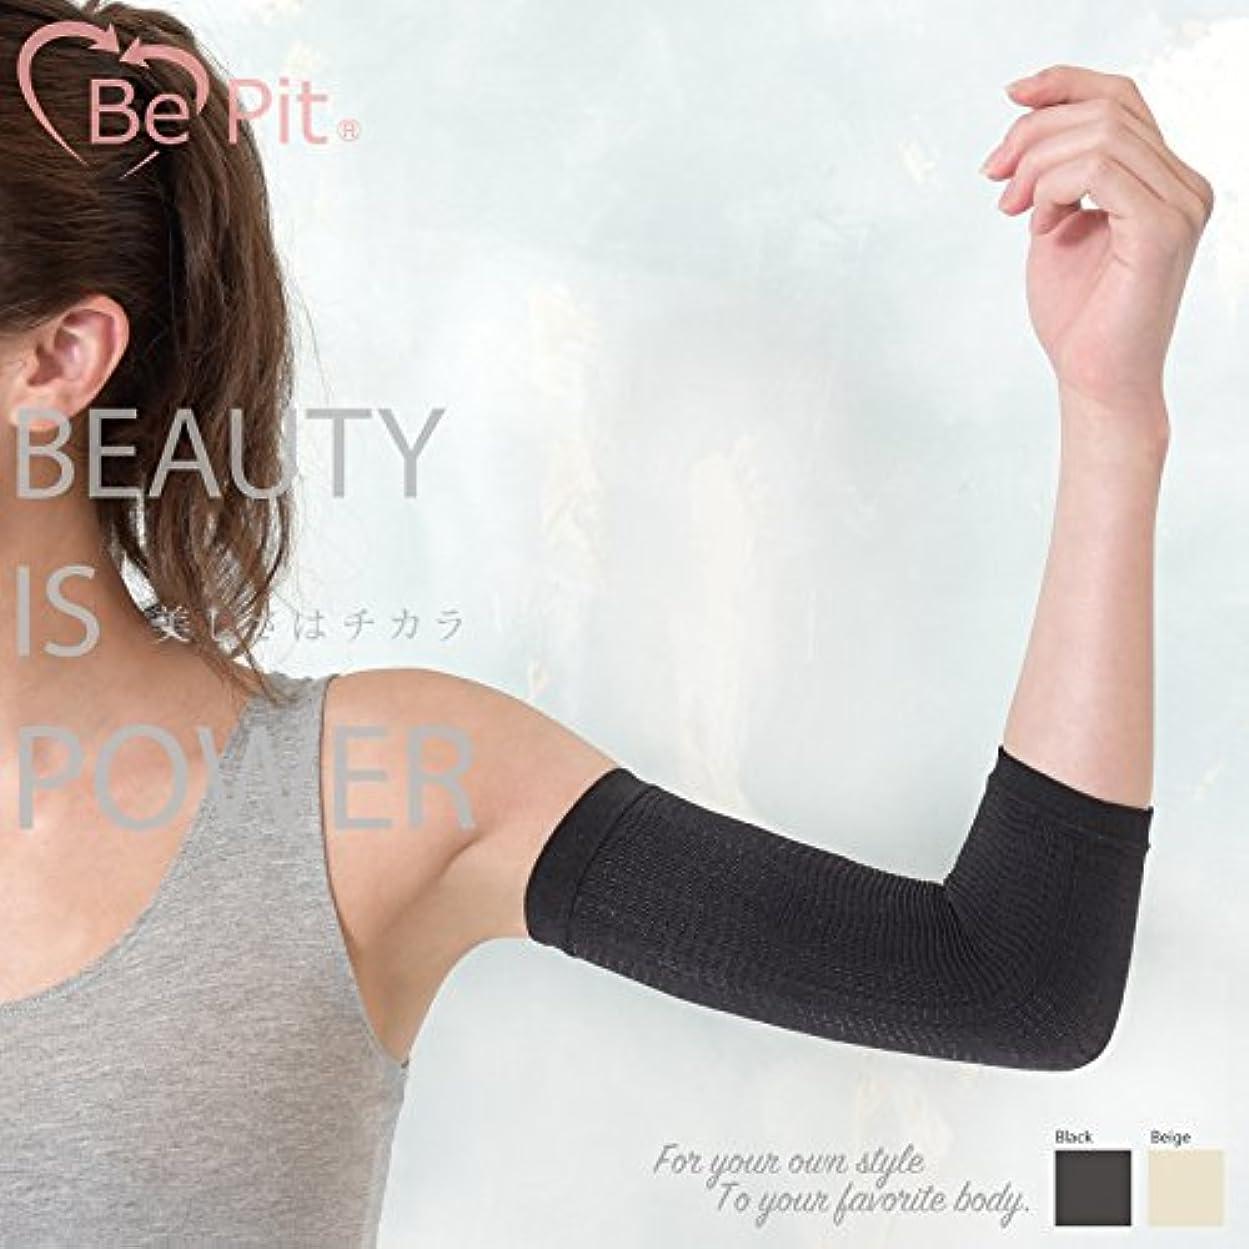 配る教育学トロピカル美ピット(Bepit) 二の腕マッサージフィットスパッツ Bepit016 (ブラック)